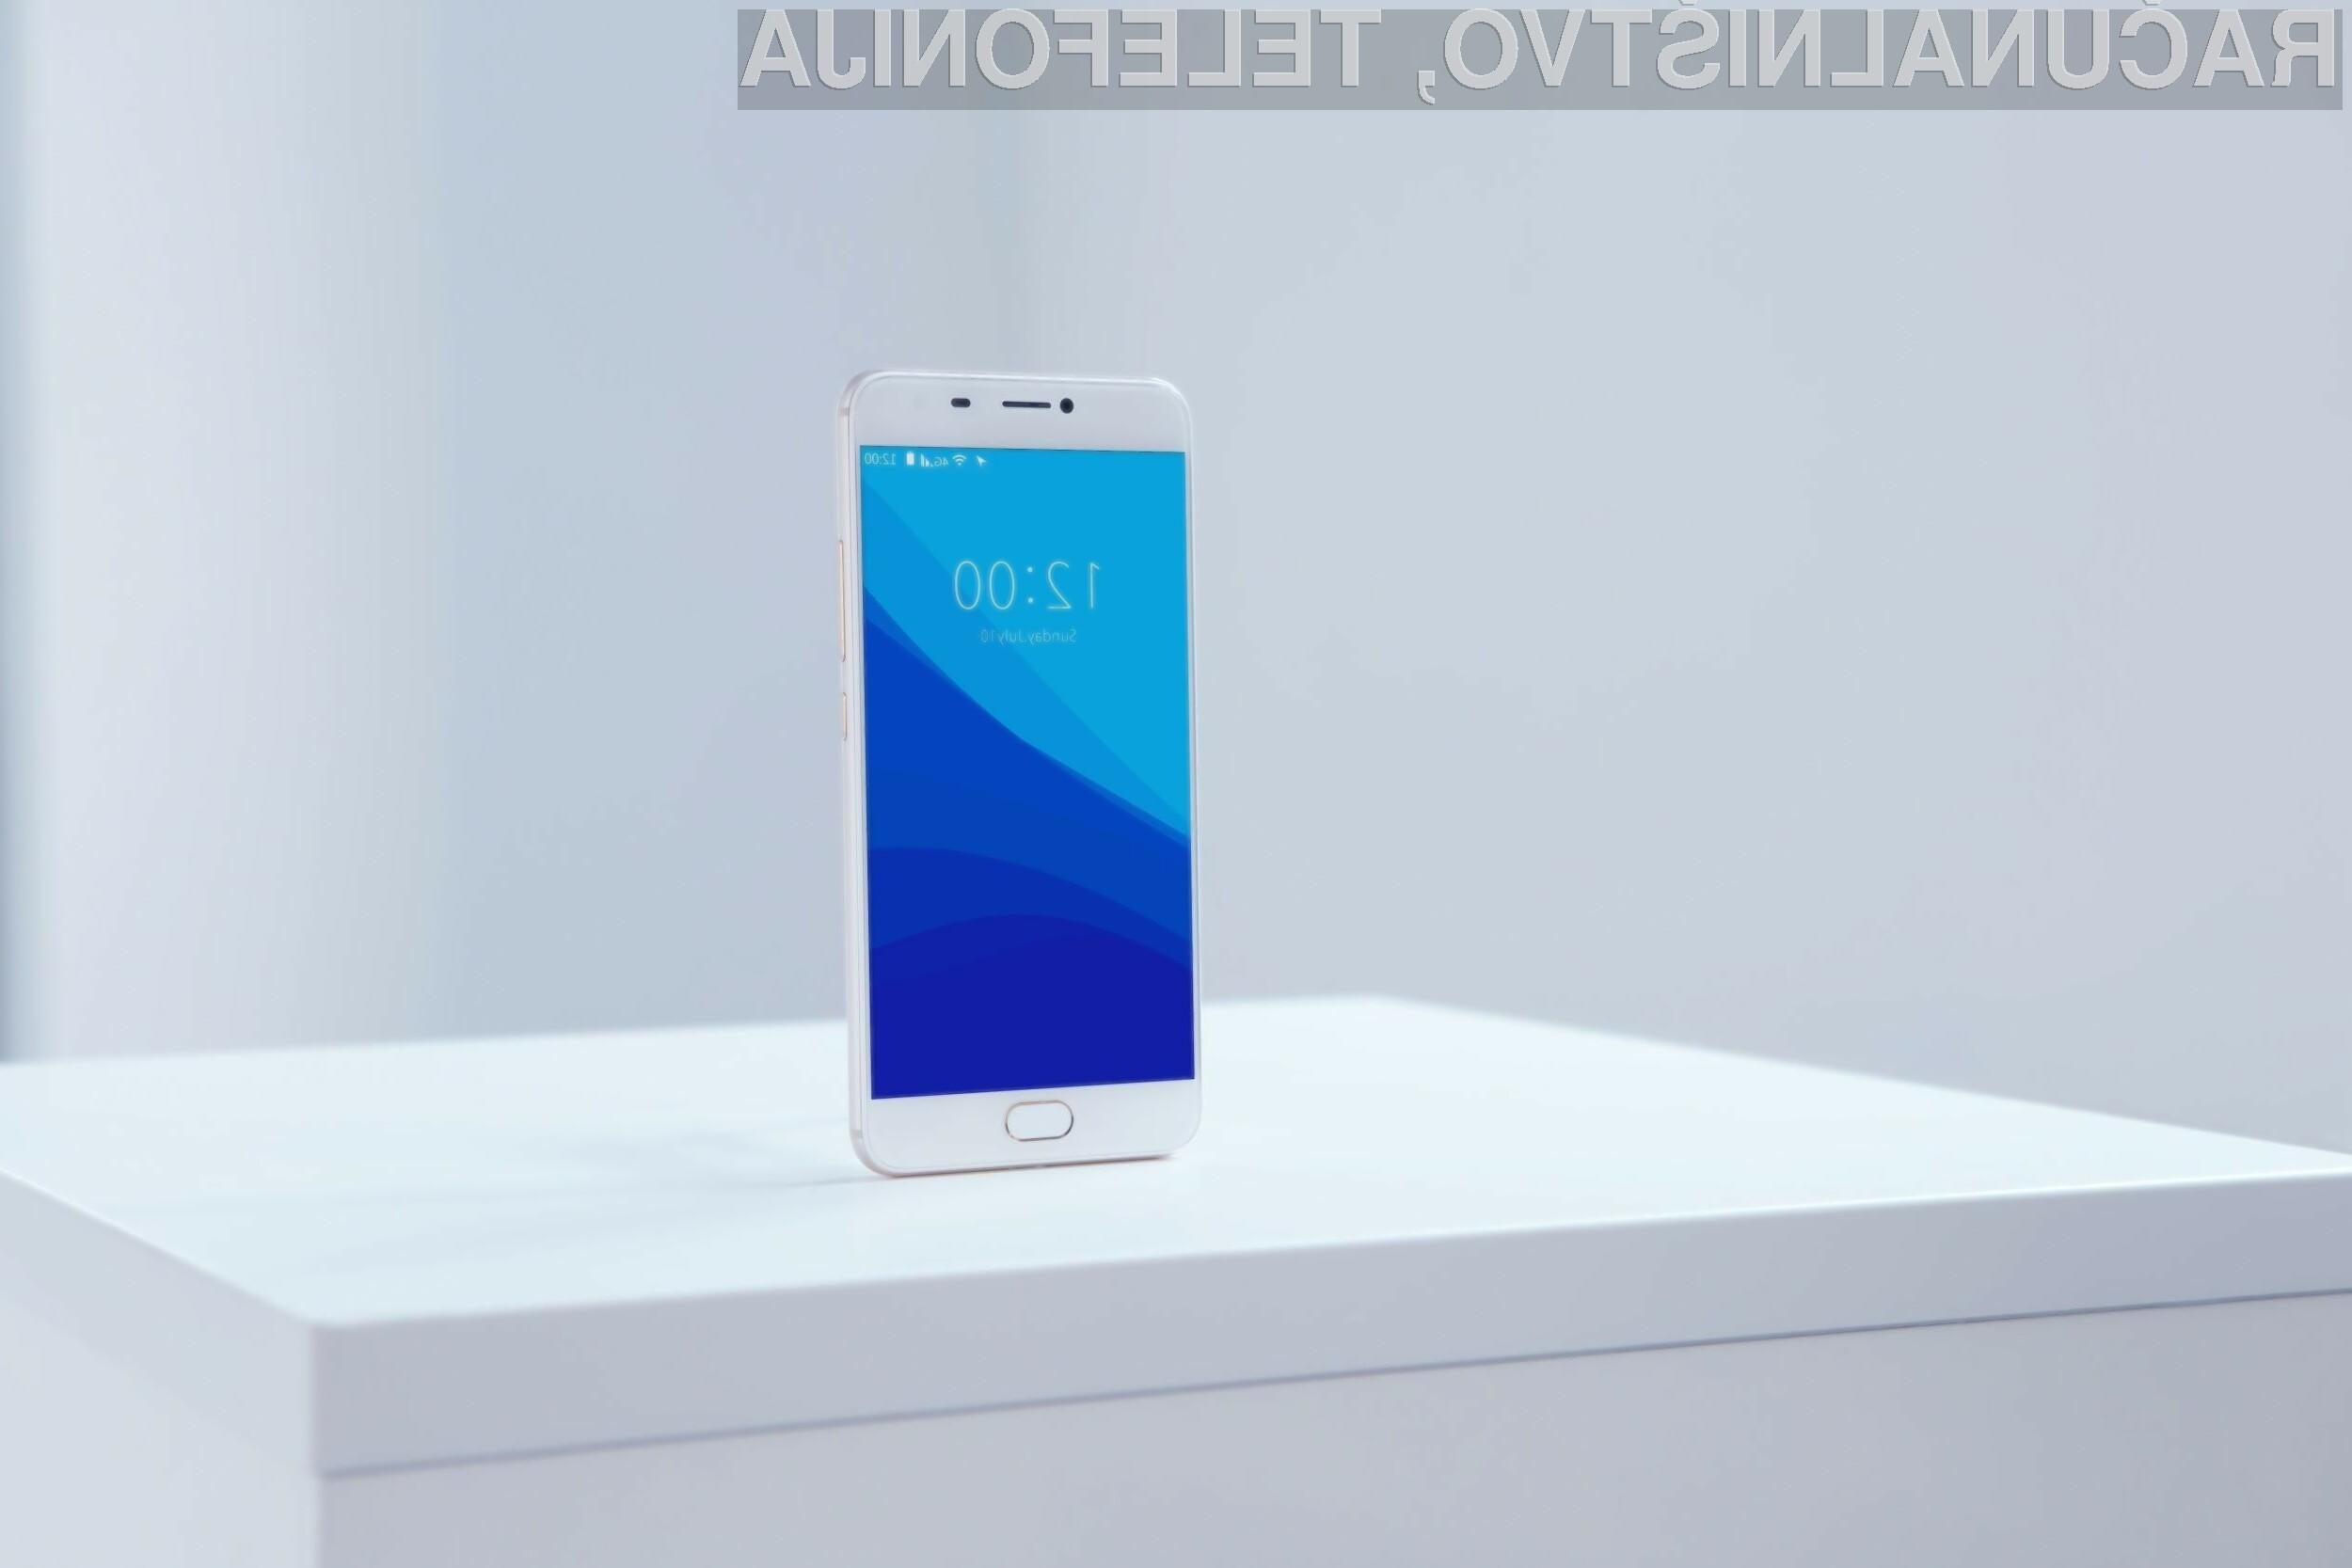 Pametni mobilni telefon UMi Z bo brez težav opravil s celotno konkurenco!